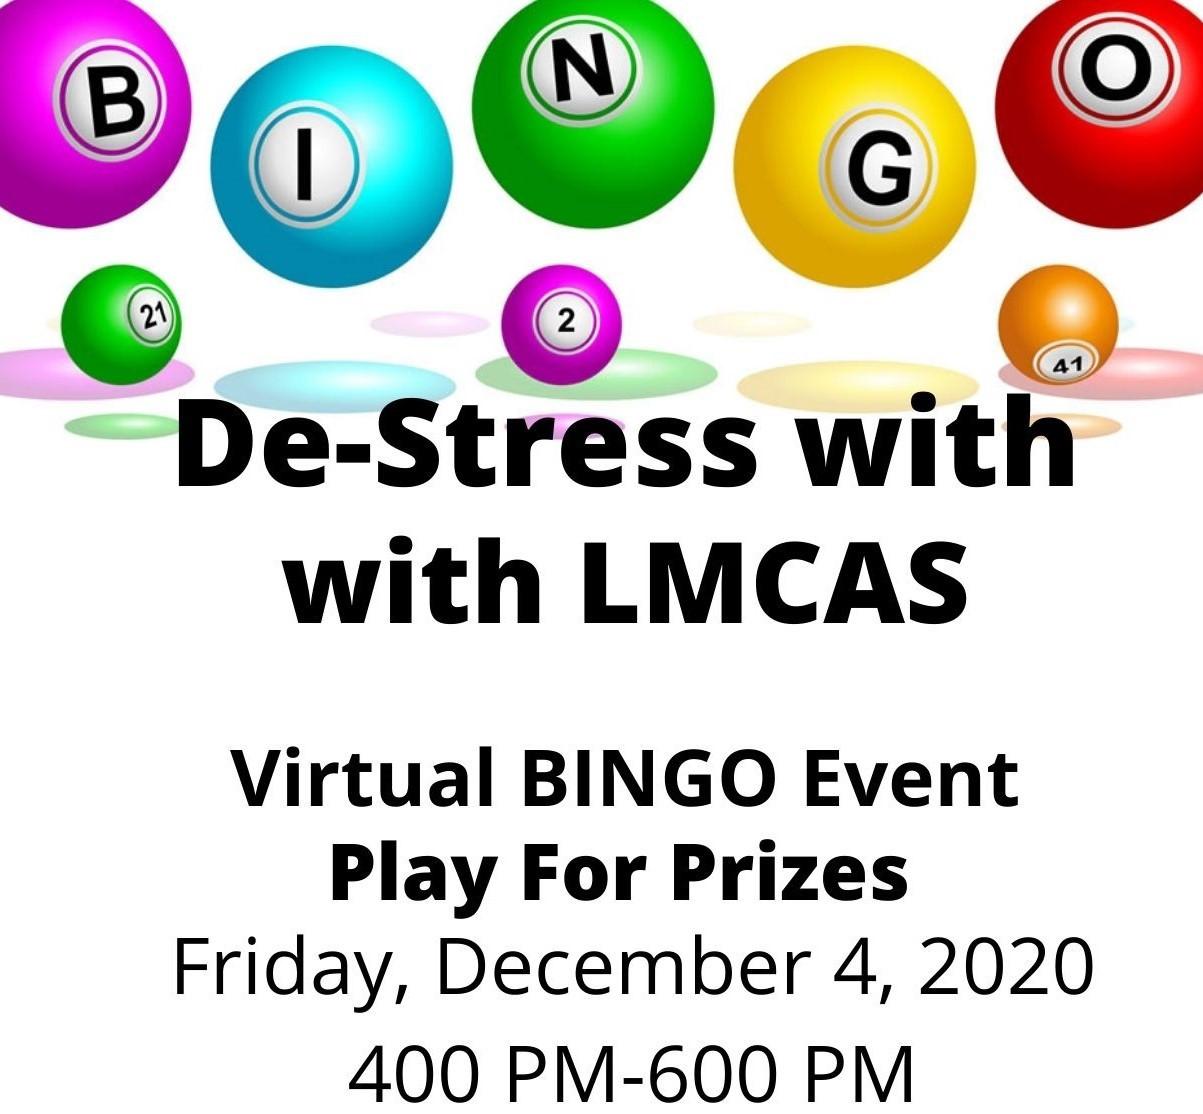 destress with LMCAS bingo